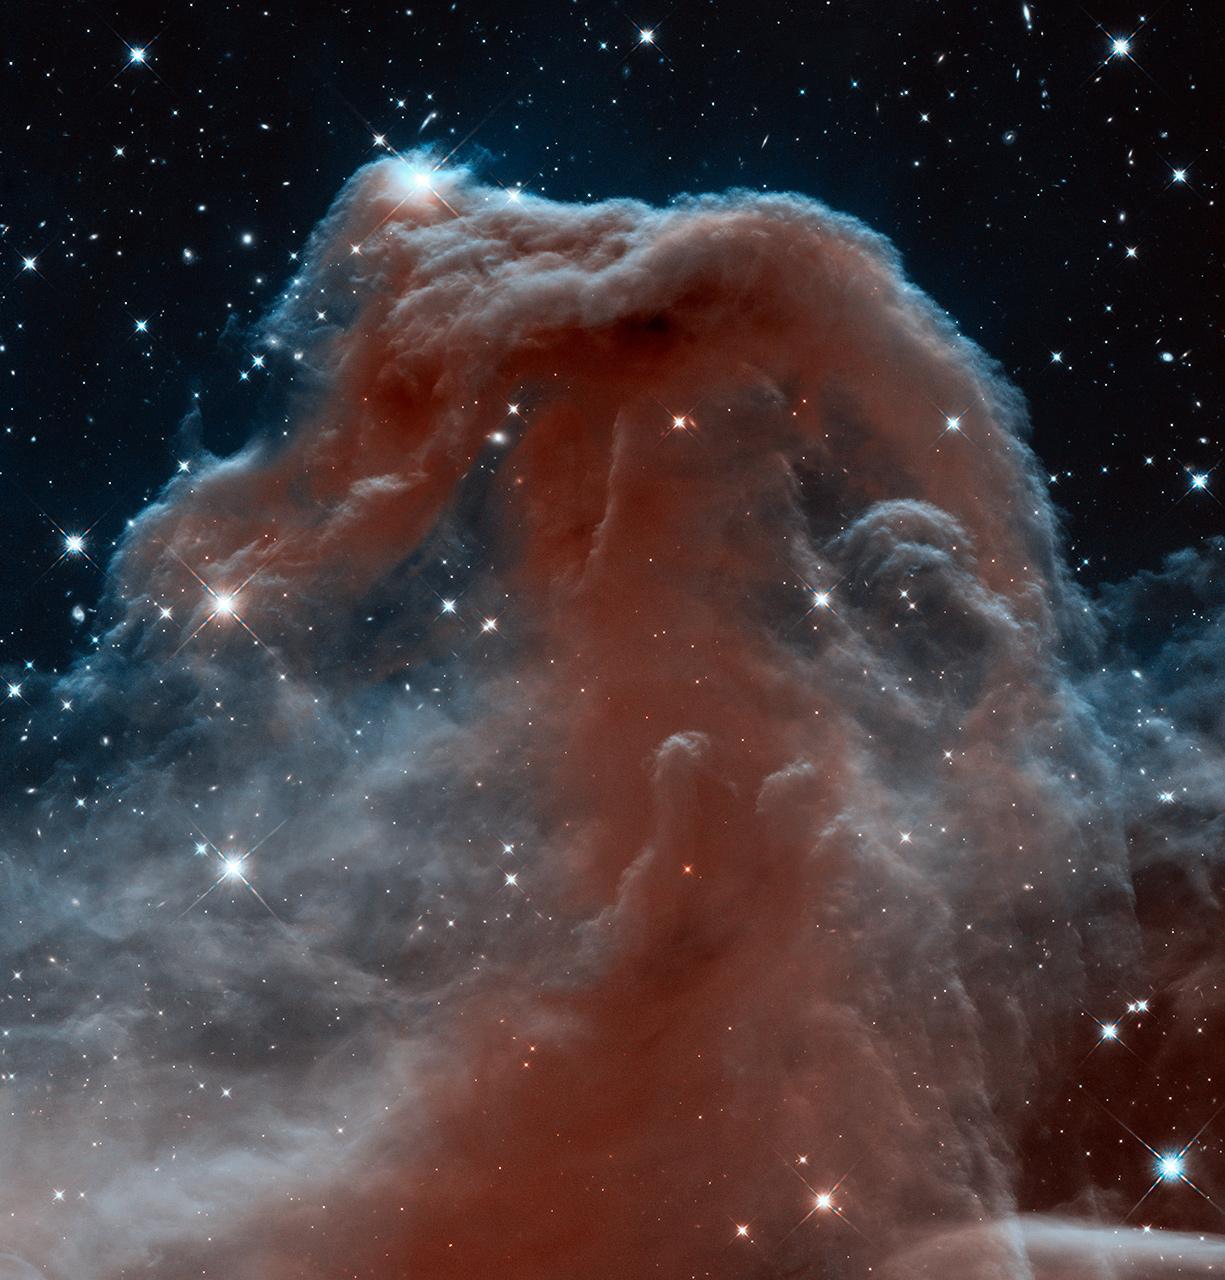 nasa images nebula - photo #11